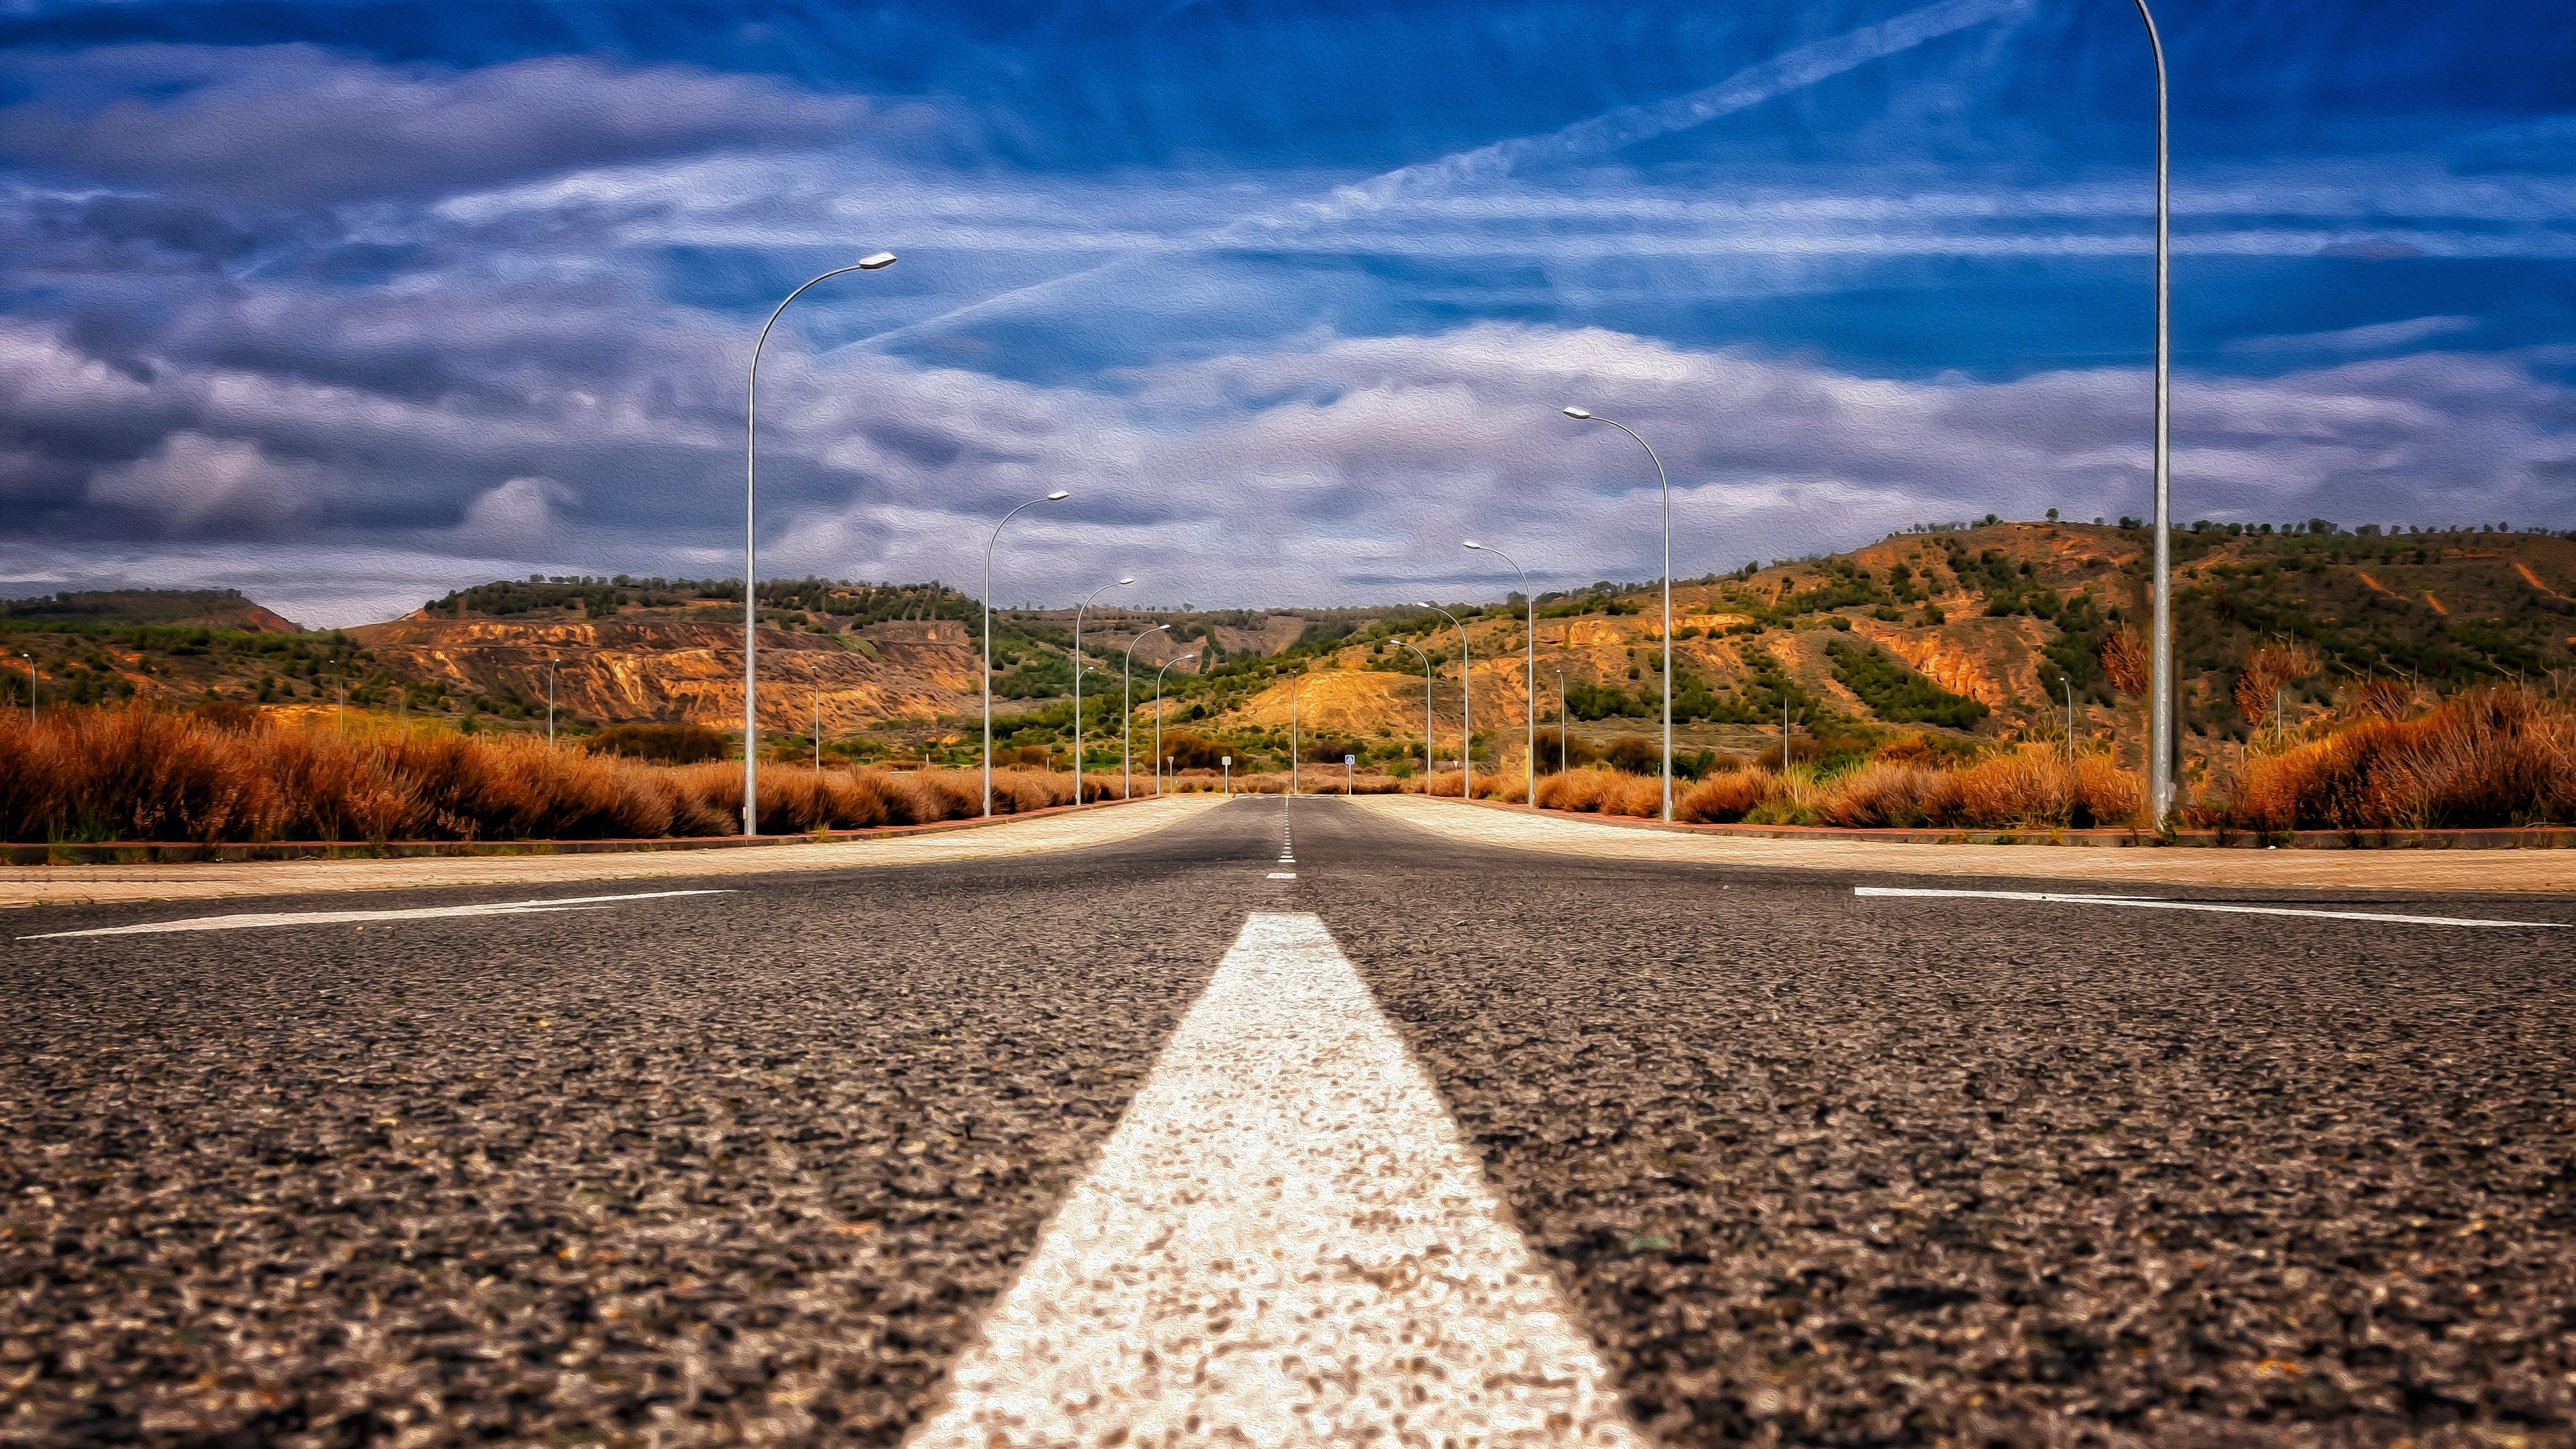 road asphalt marking mountains direction 4k 1541116678 - road, asphalt, marking, mountains, direction 4k - Road, marking, asphalt